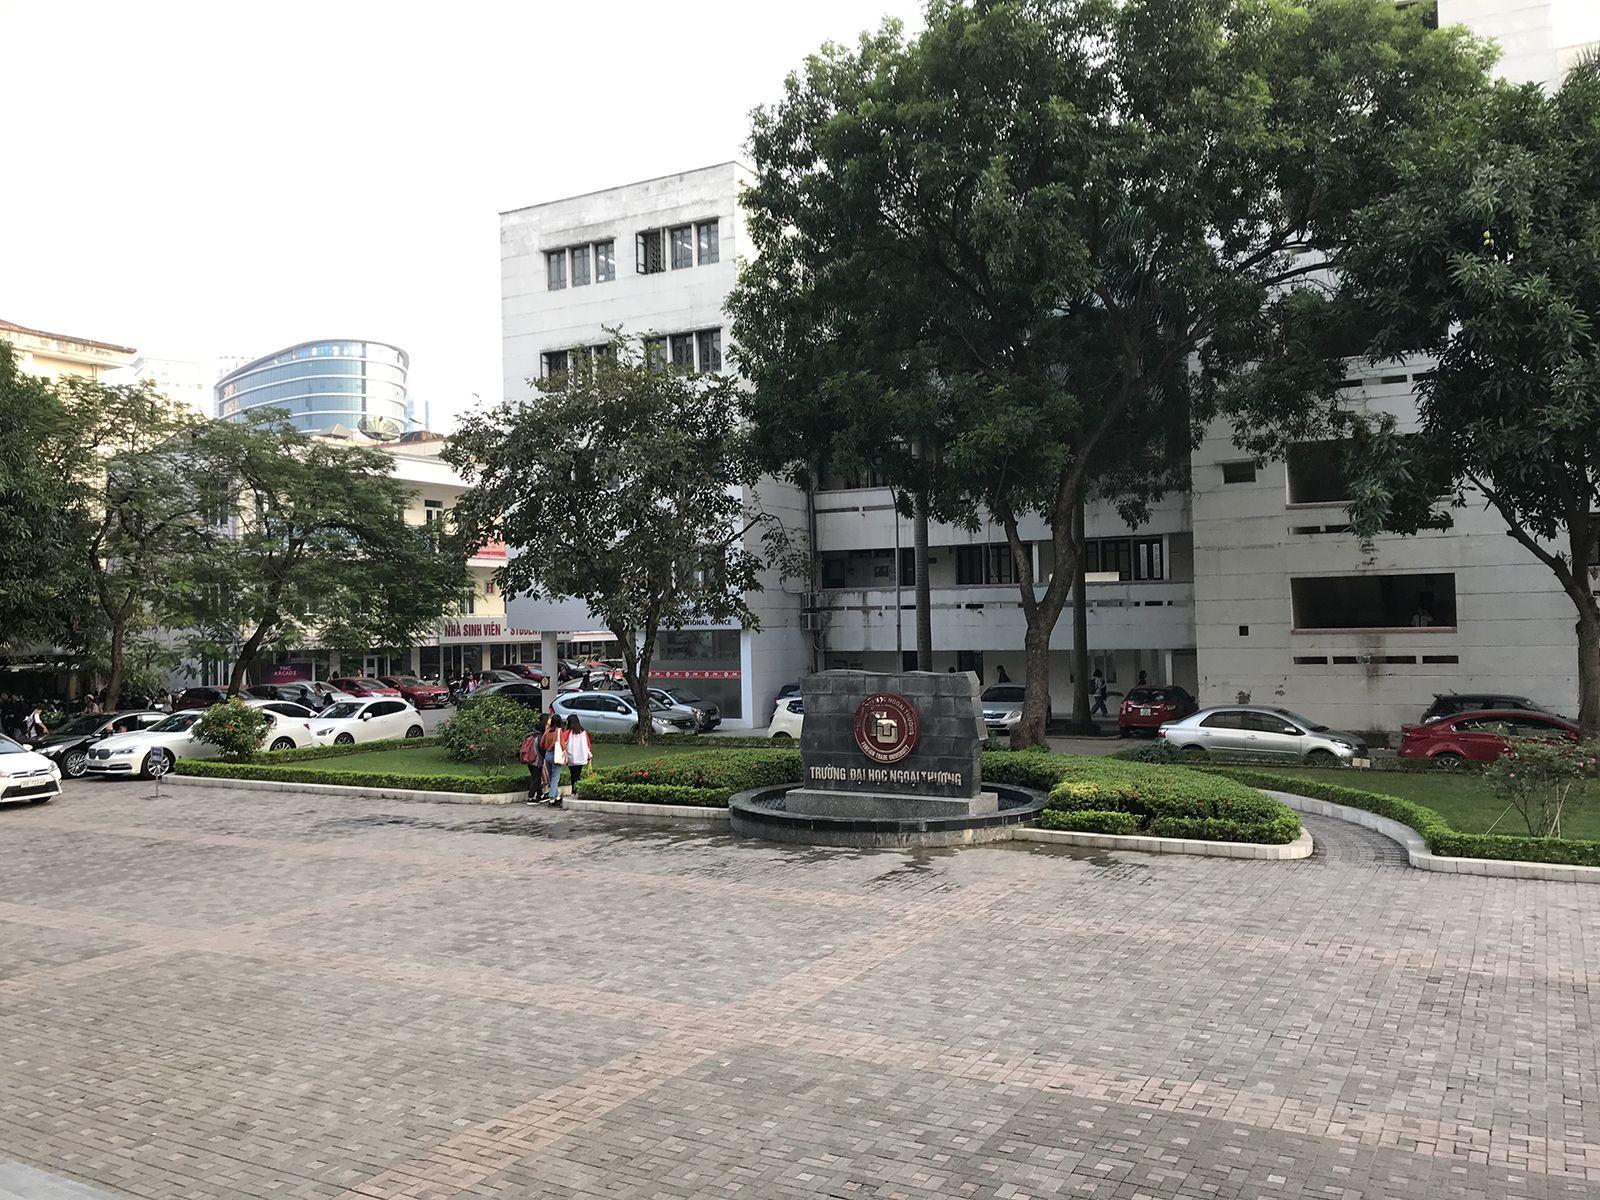 Обменная программа ВГУЭС и Университета внешней торговли (Вьетнам): первый опыт получения образования в Юго-Восточной Азии